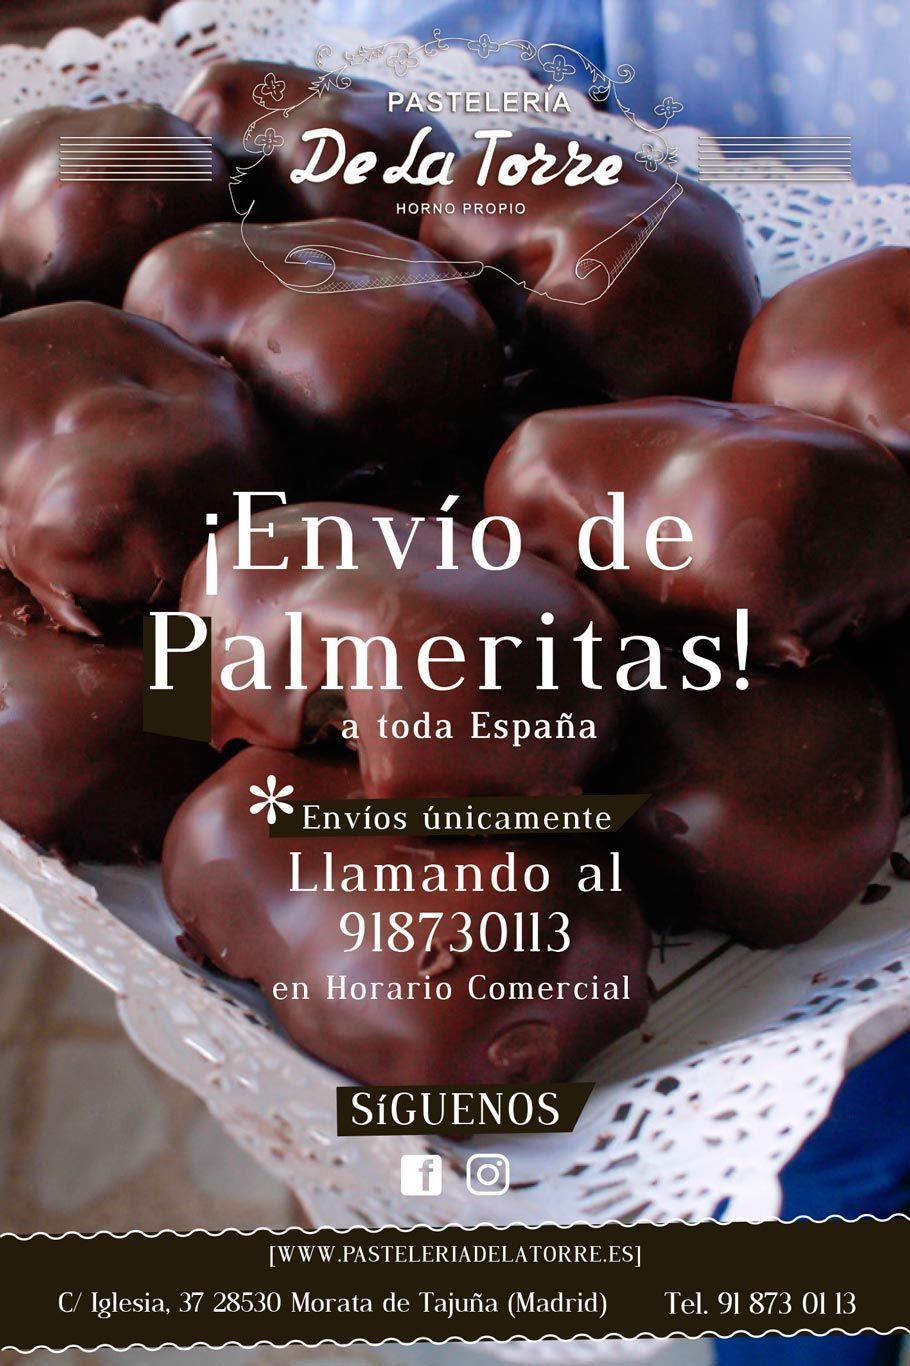 Pasteleria De La Torre Pasteleria Palmeras De Chocolate Tarta De Chocolate